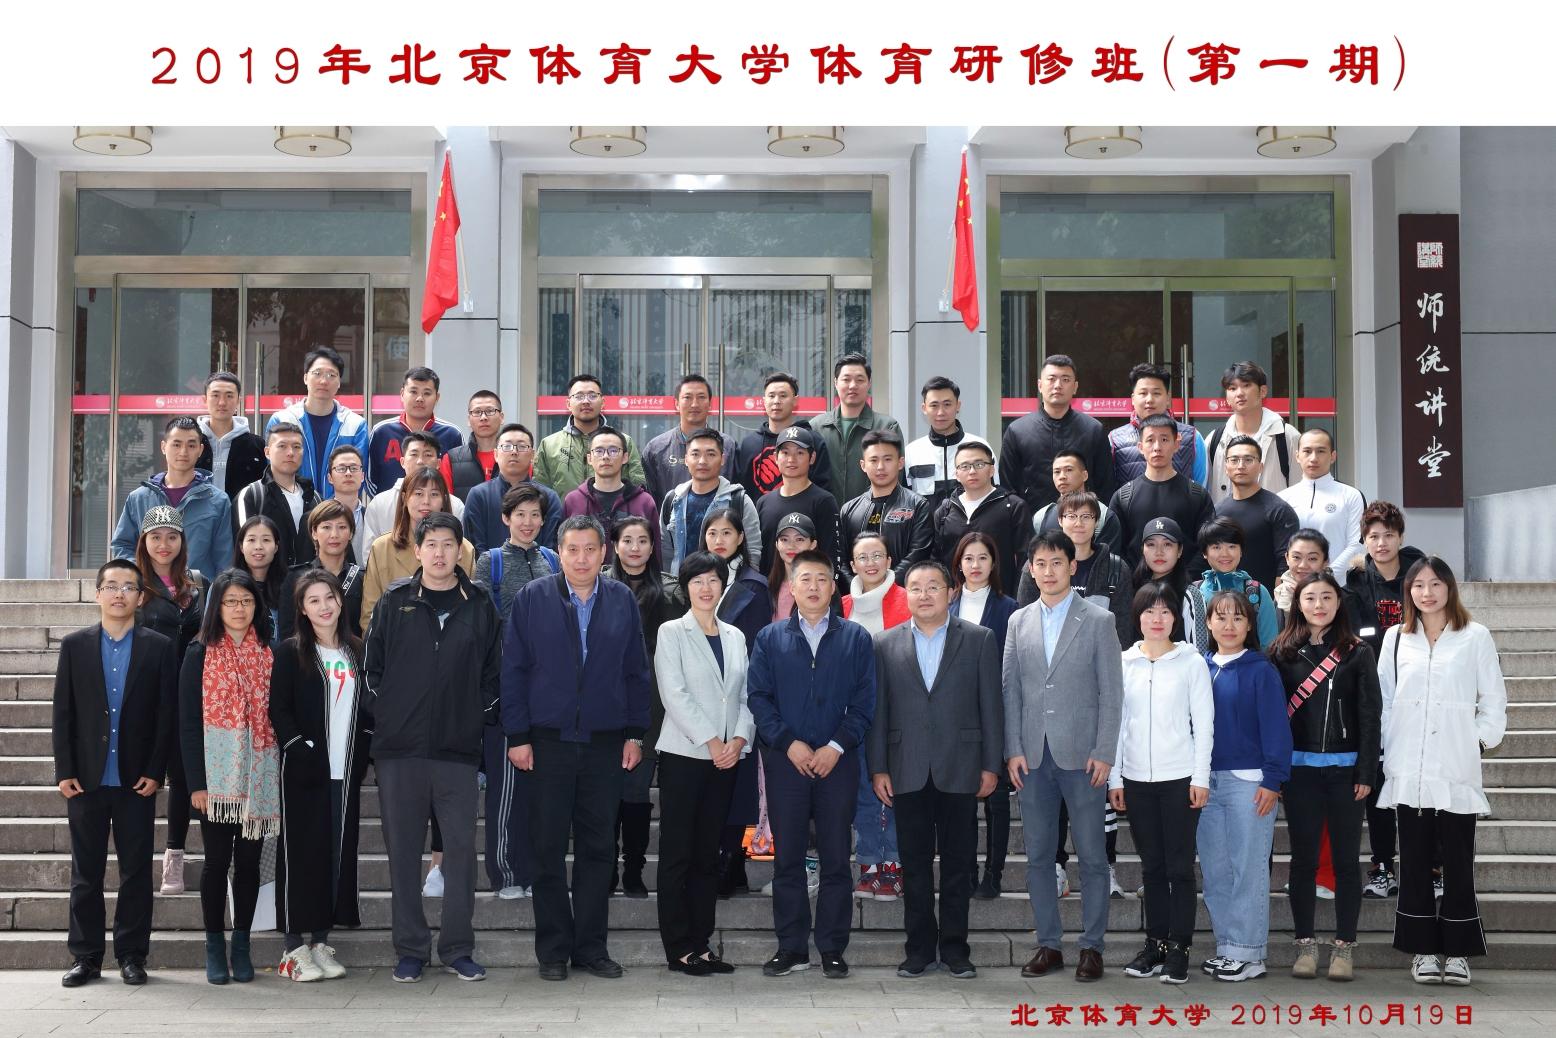 2019年北京体育大学体育研修班(第一期)开班